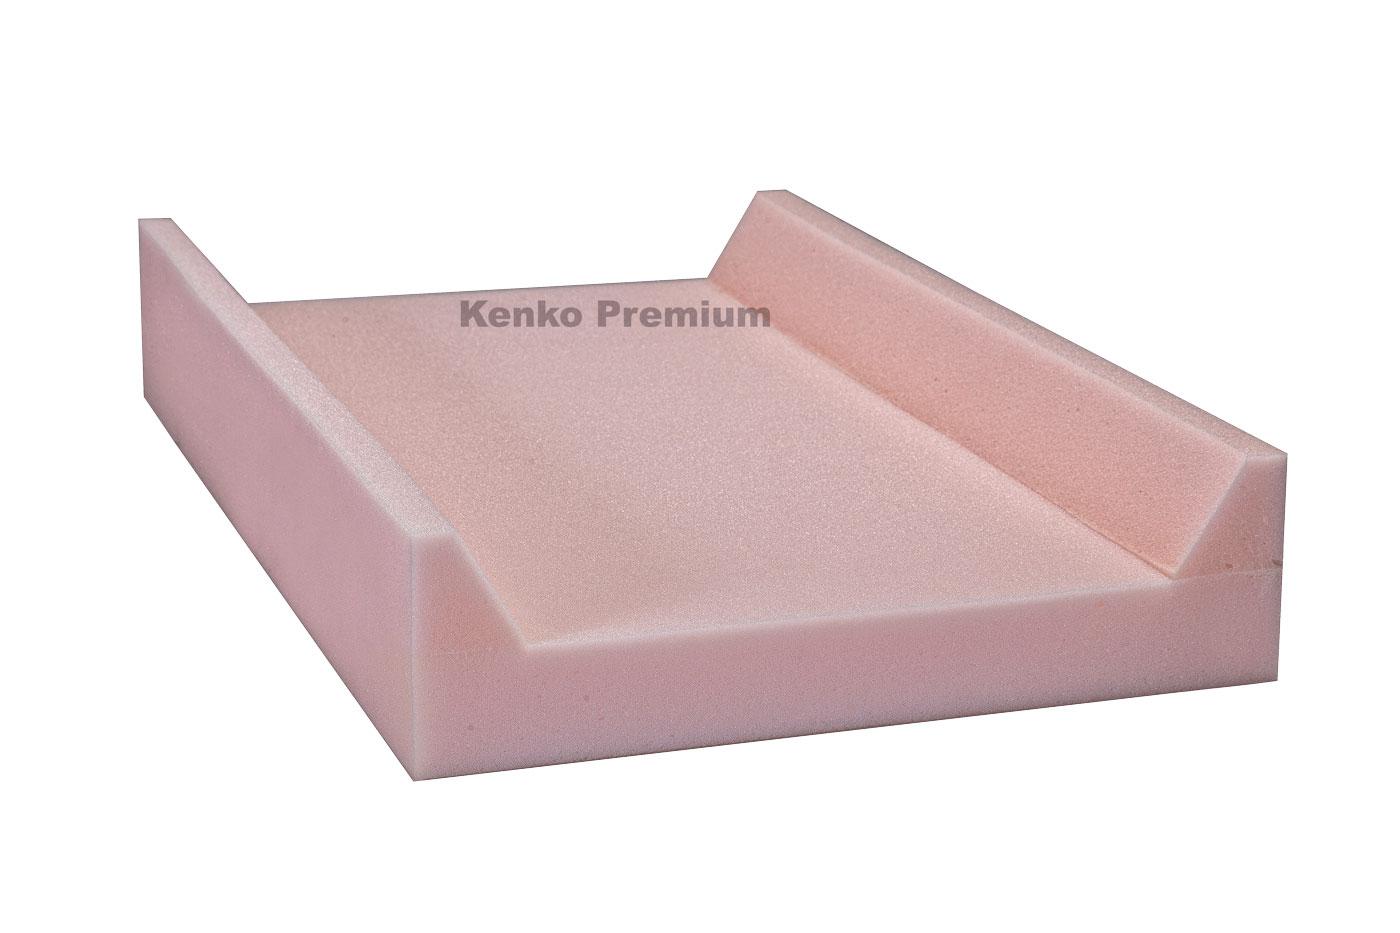 Peça De Espuma Base Trocador Americano para Bebê 70cm x 45cm x 12cm D23 Kenko Premium  - Kenko Premium Colchões